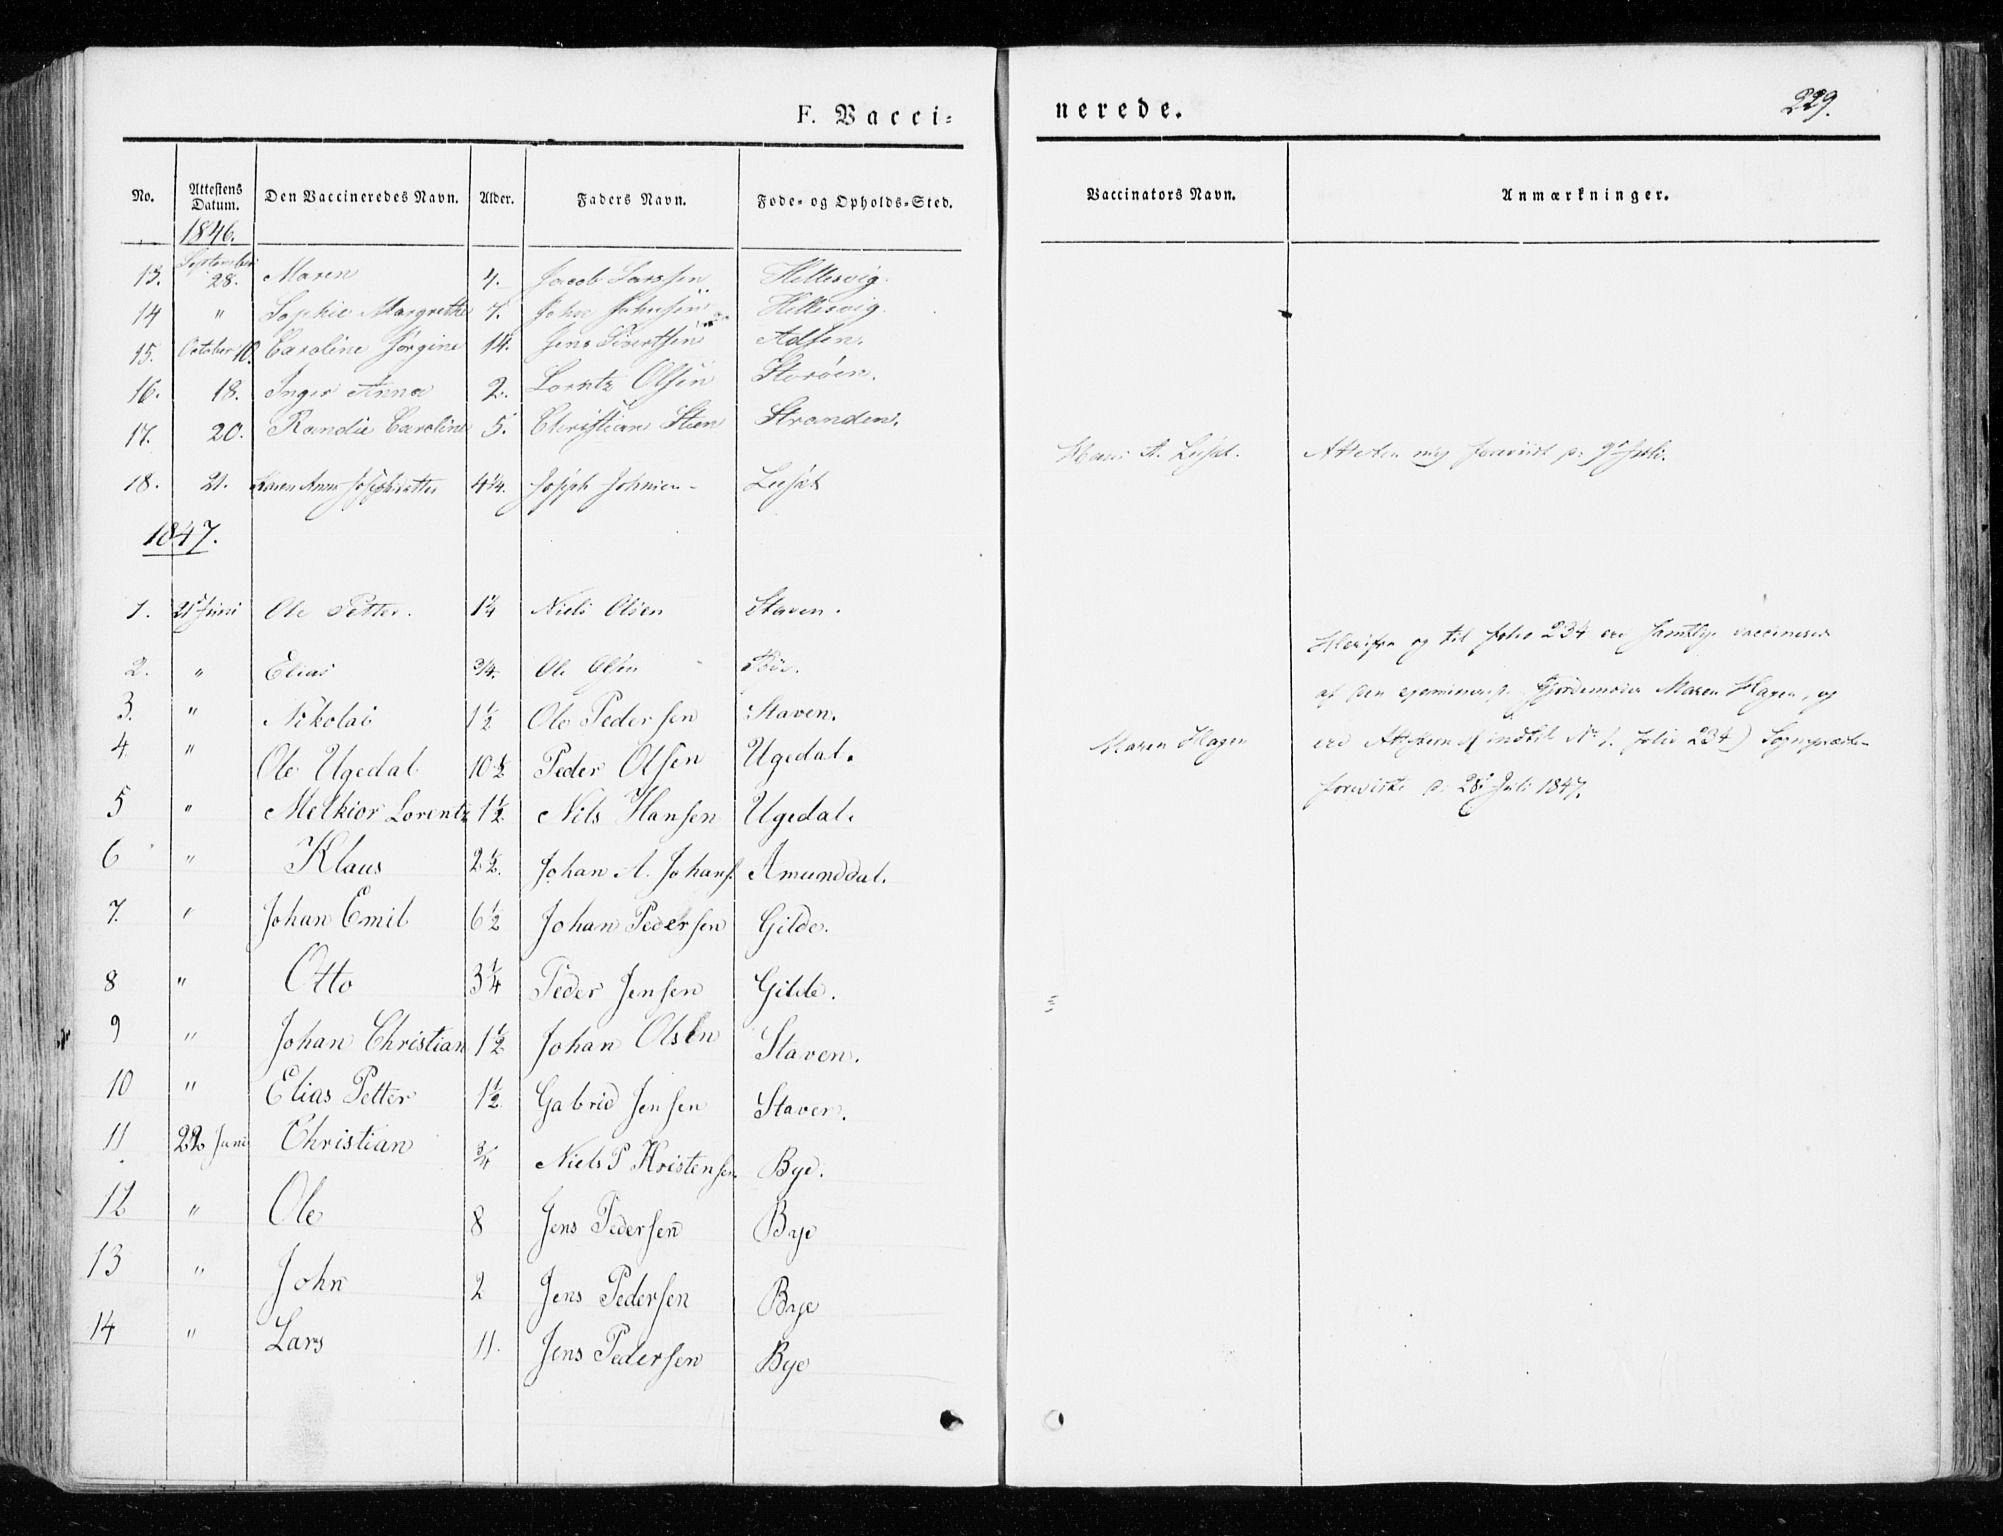 SAT, Ministerialprotokoller, klokkerbøker og fødselsregistre - Sør-Trøndelag, 655/L0677: Ministerialbok nr. 655A06, 1847-1860, s. 229